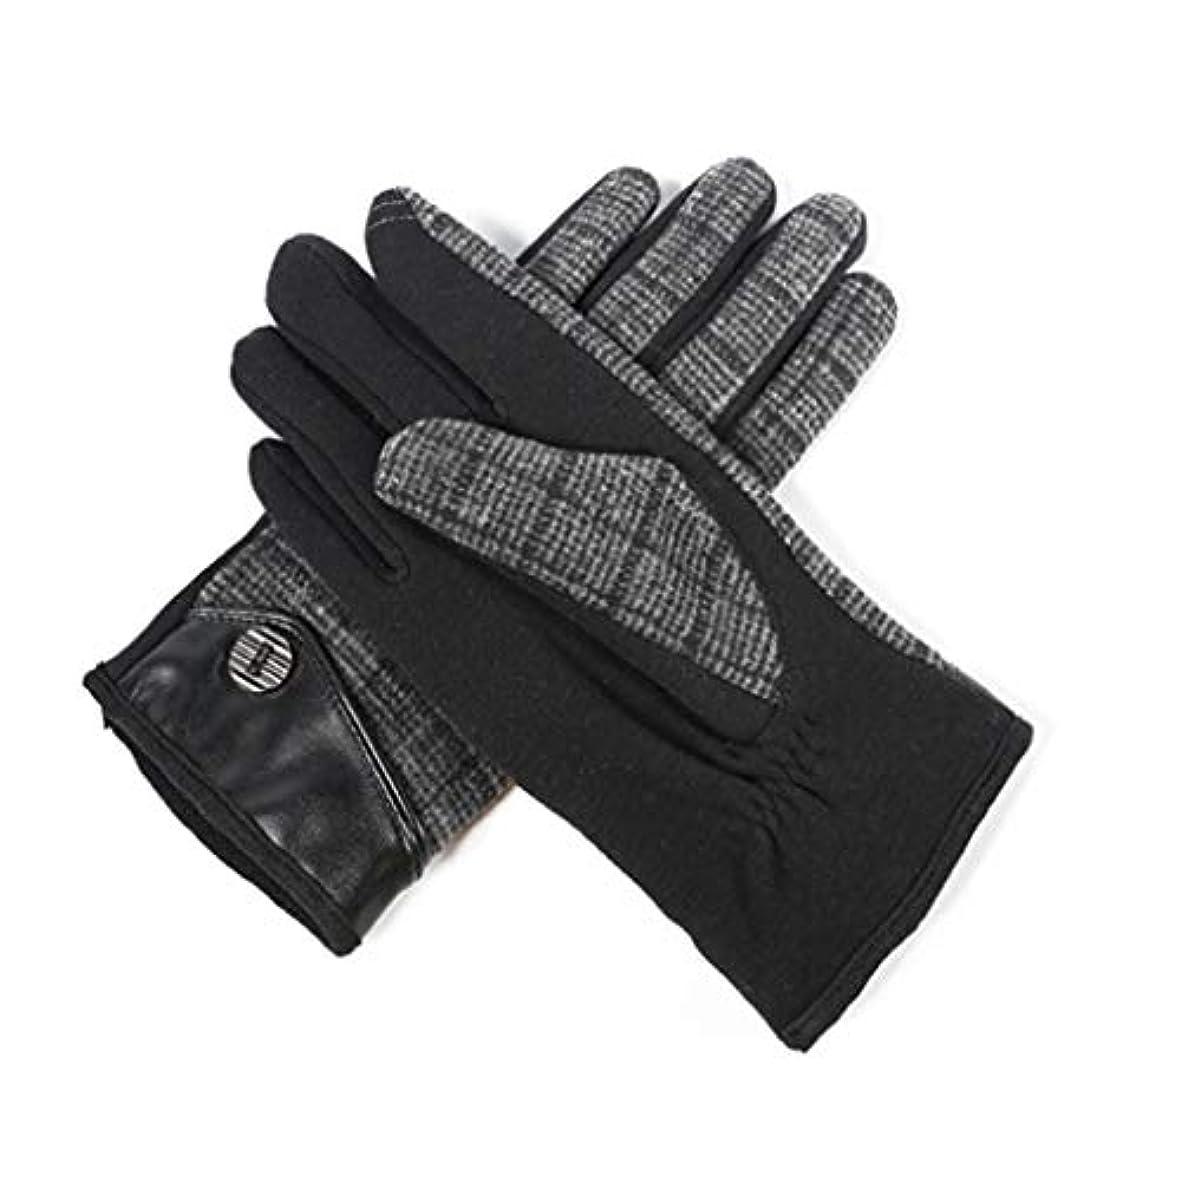 仲良し溶岩承知しました暖かいメンズサイクリング用手袋を保つための男性用手袋プラスベルベットの秋冬用手袋